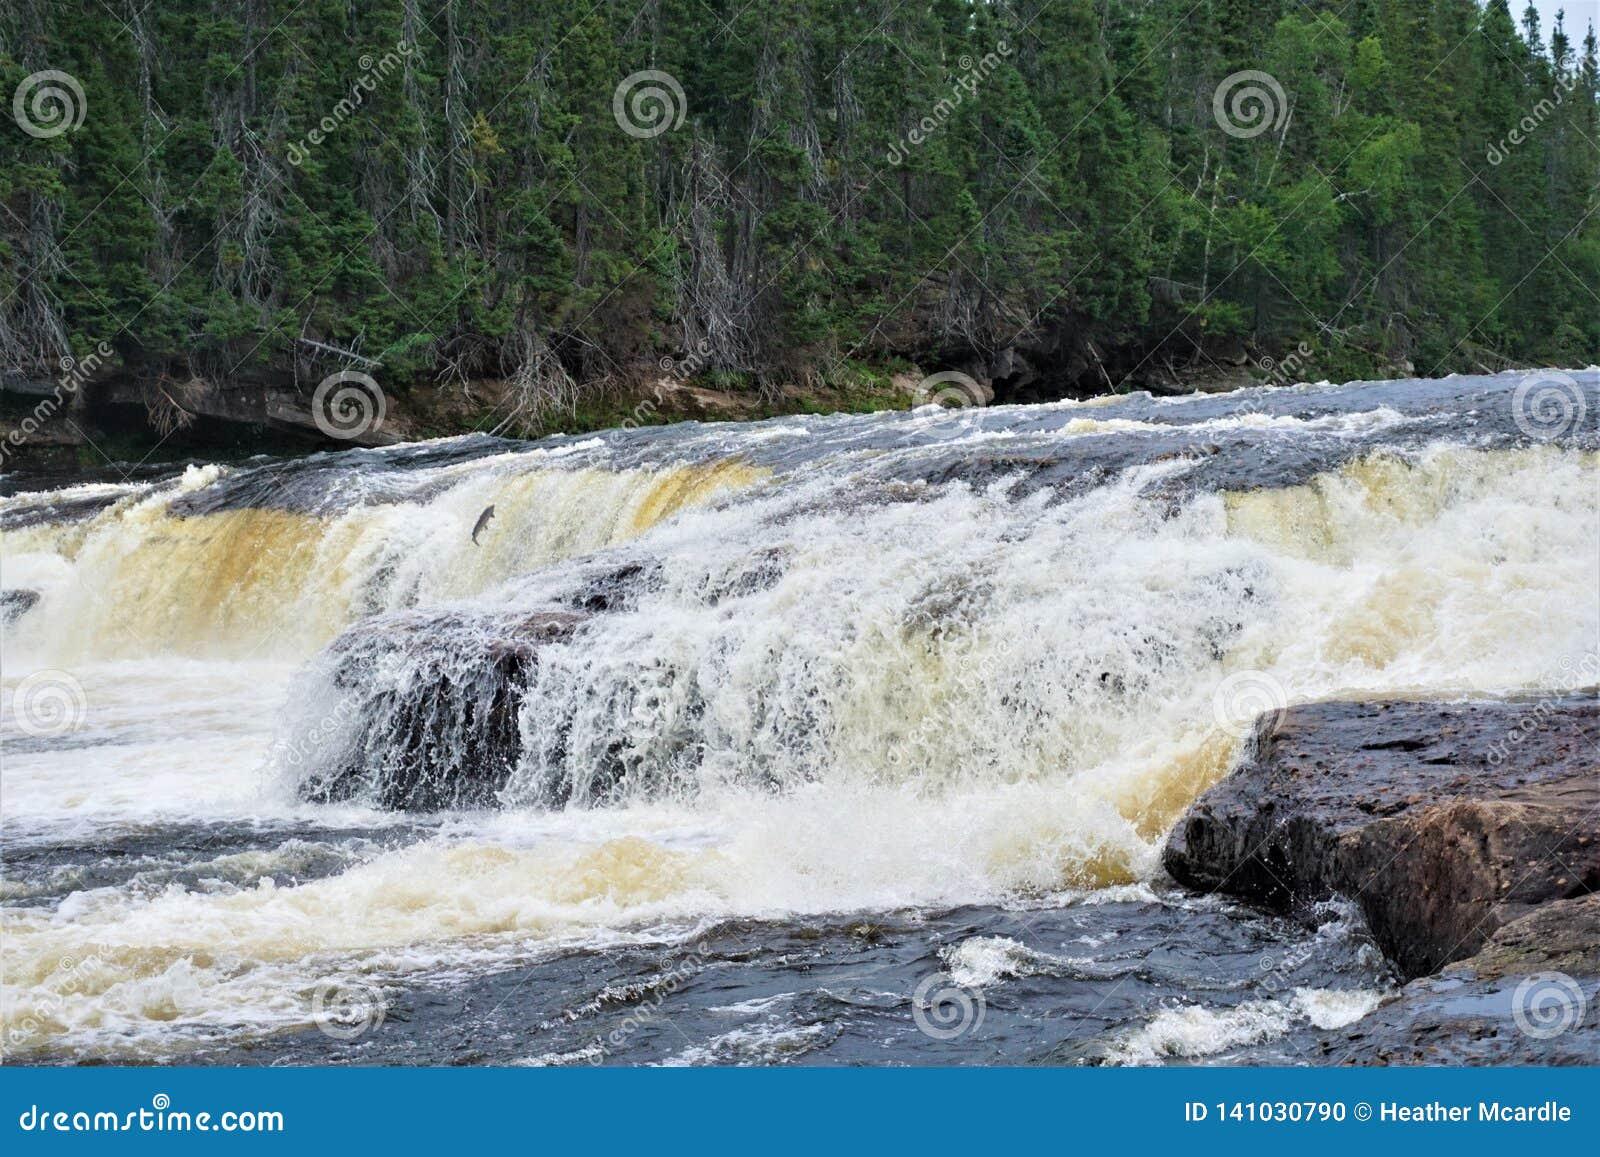 Атлантика семга скачет водопад в глуши